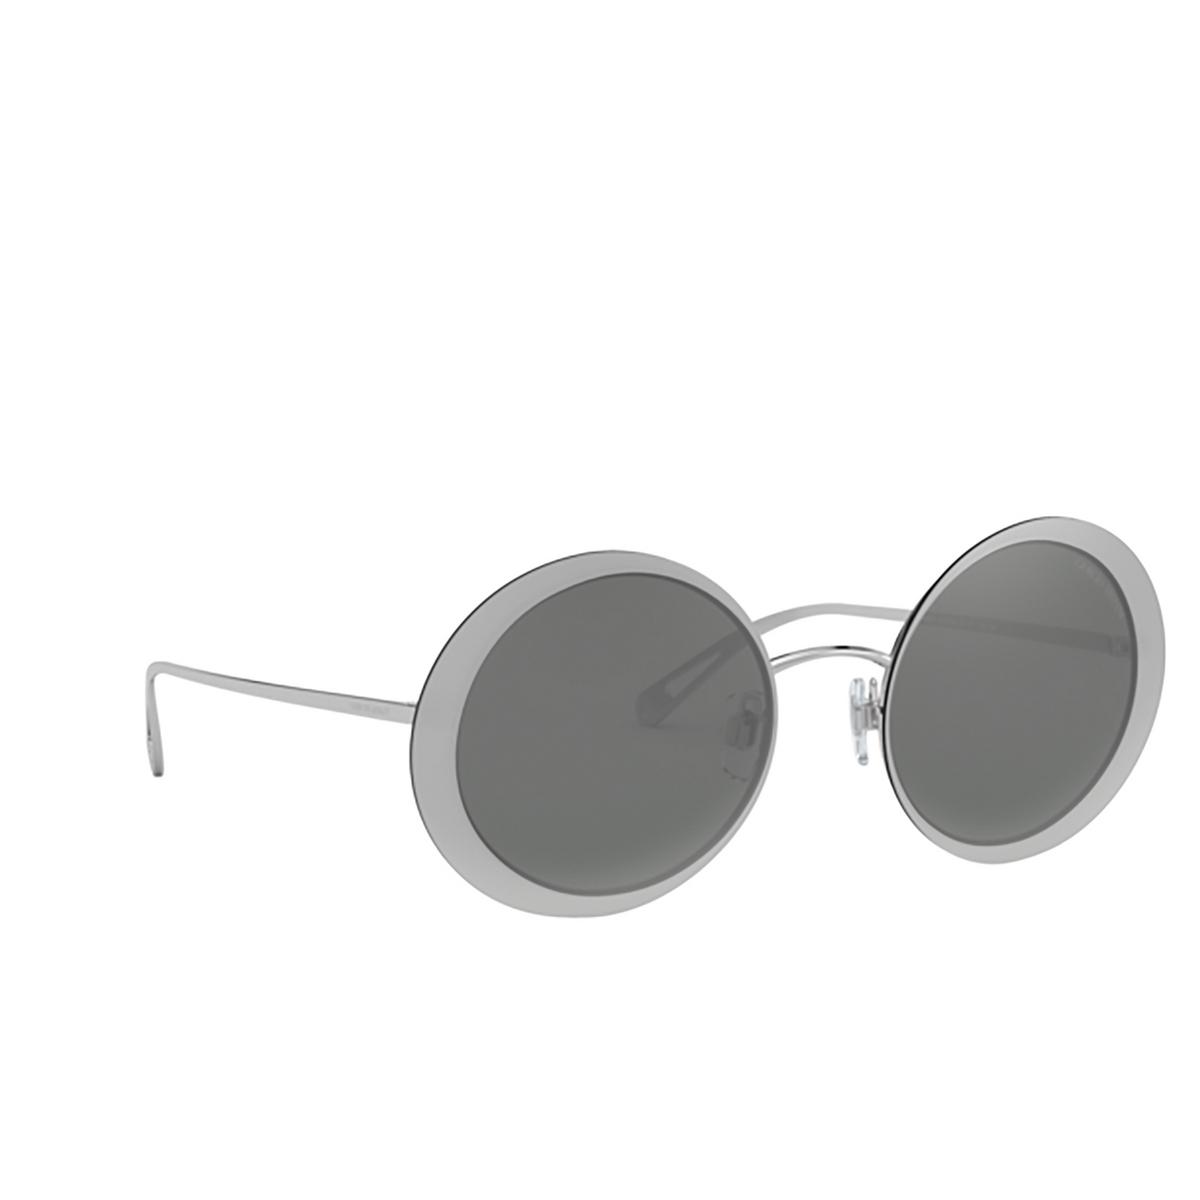 Giorgio Armani® Round Sunglasses: AR6087 color 30156G - three-quarters view.